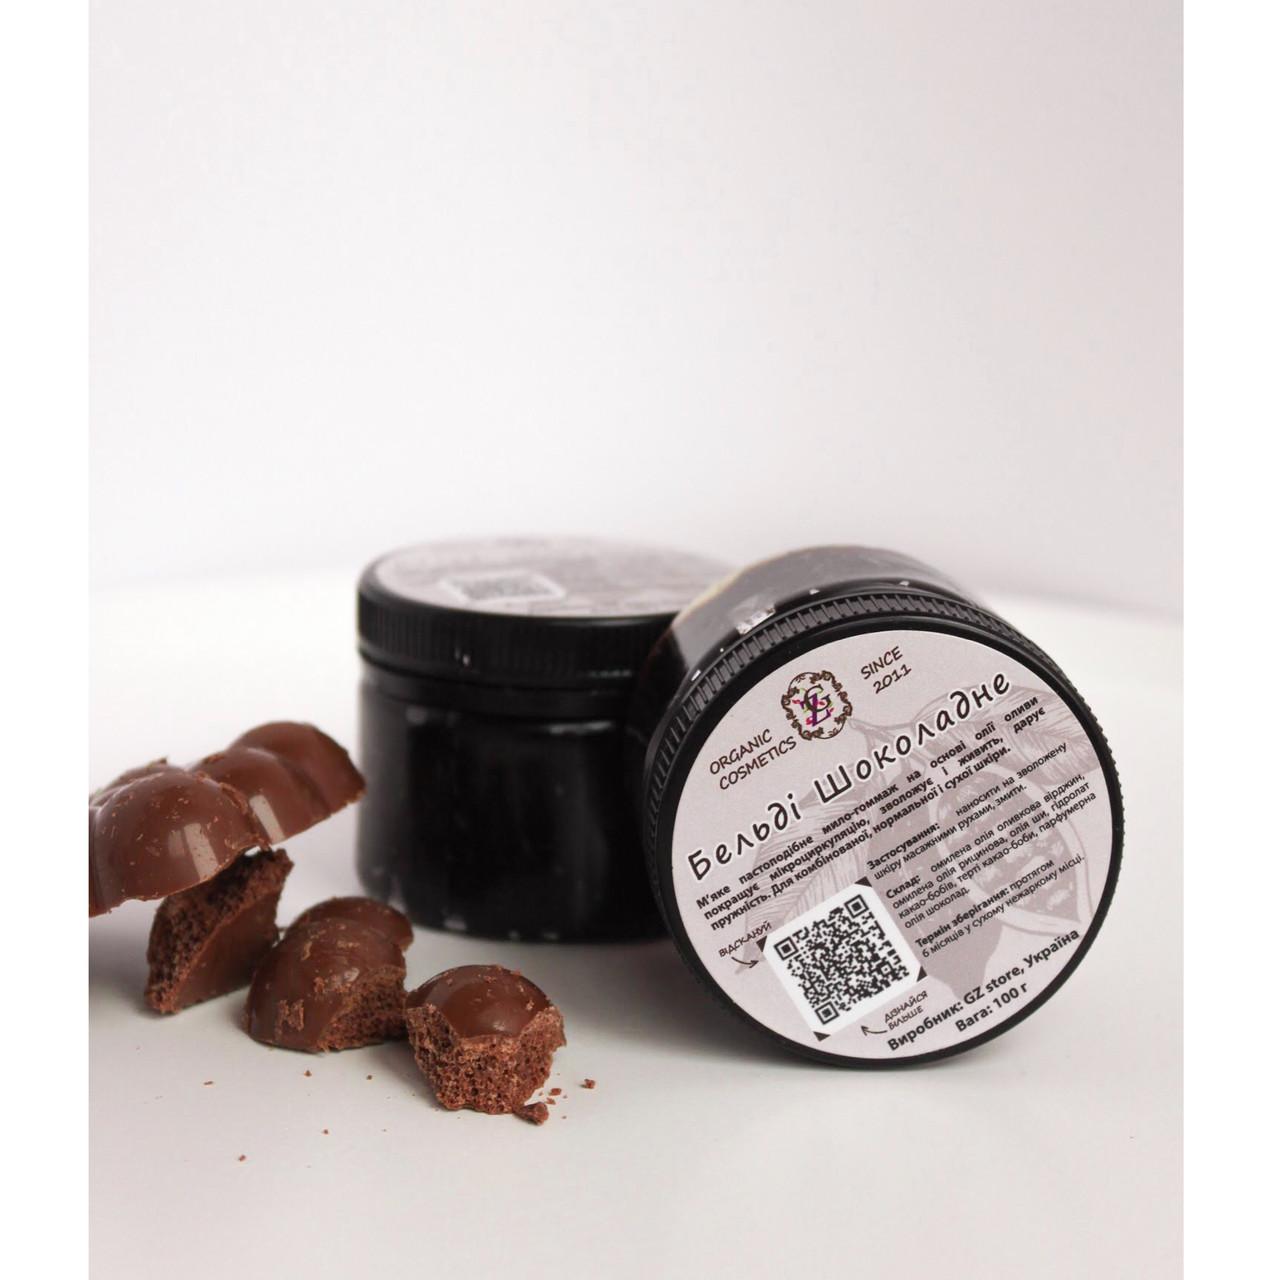 Гоммаж скраб-мыло из оливкового масла для глубокого очищения кожи - бельди Шоколадное GZ store 100 г